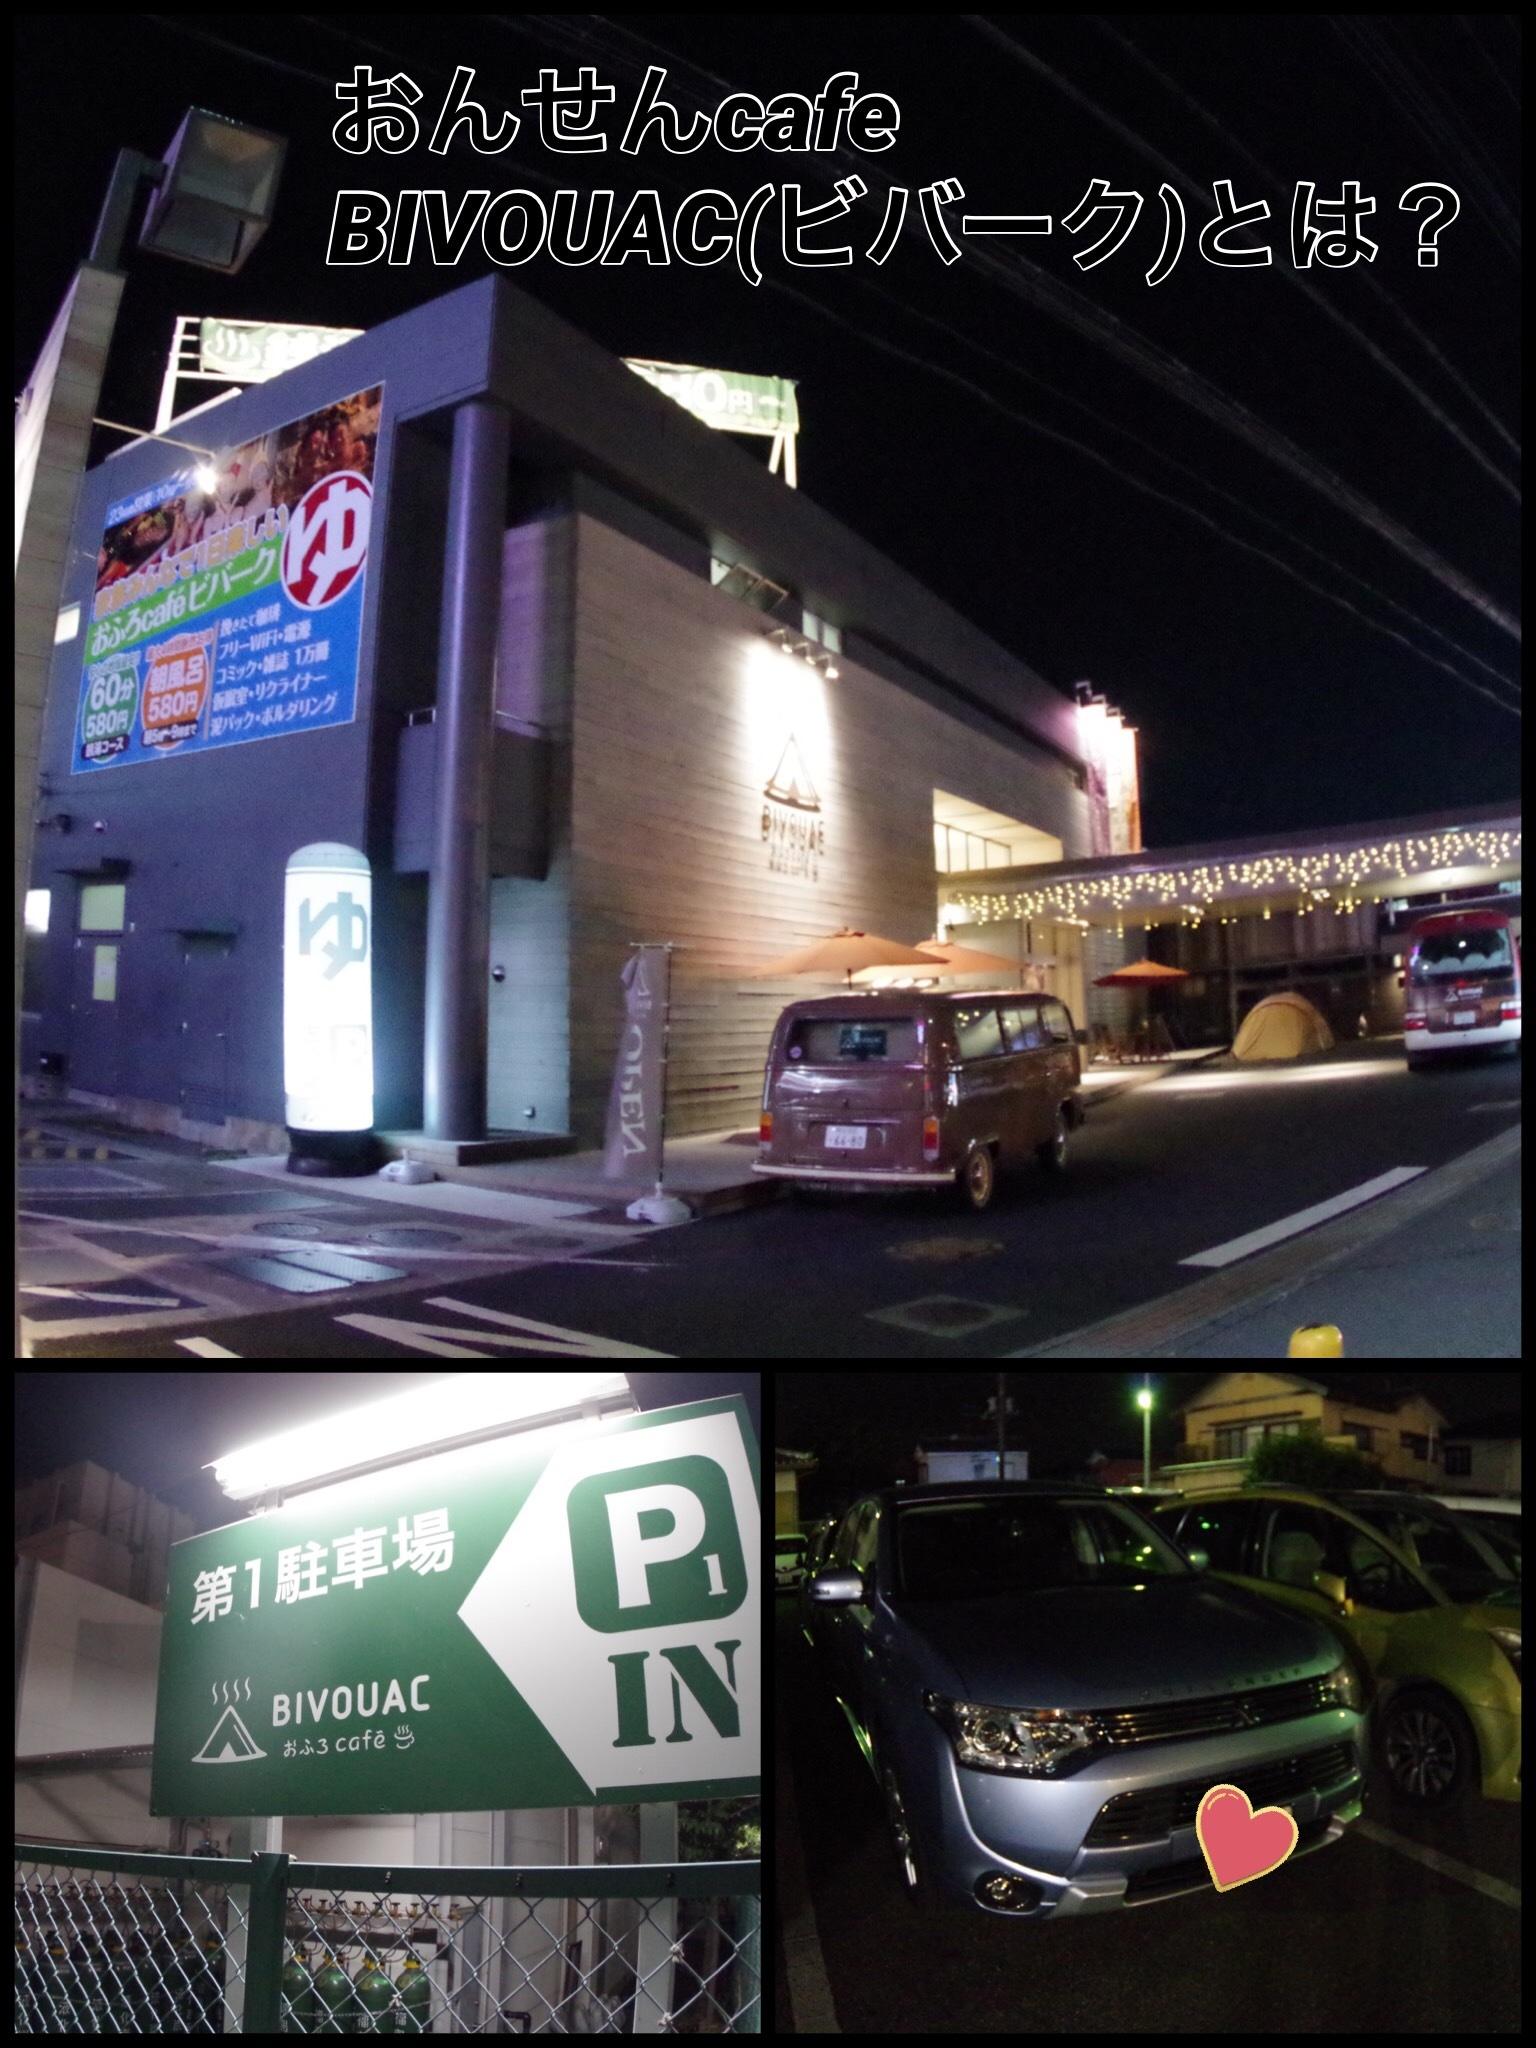 熊谷 グランピング日帰り温泉 おふろcafe BIVOUAC ビバーク